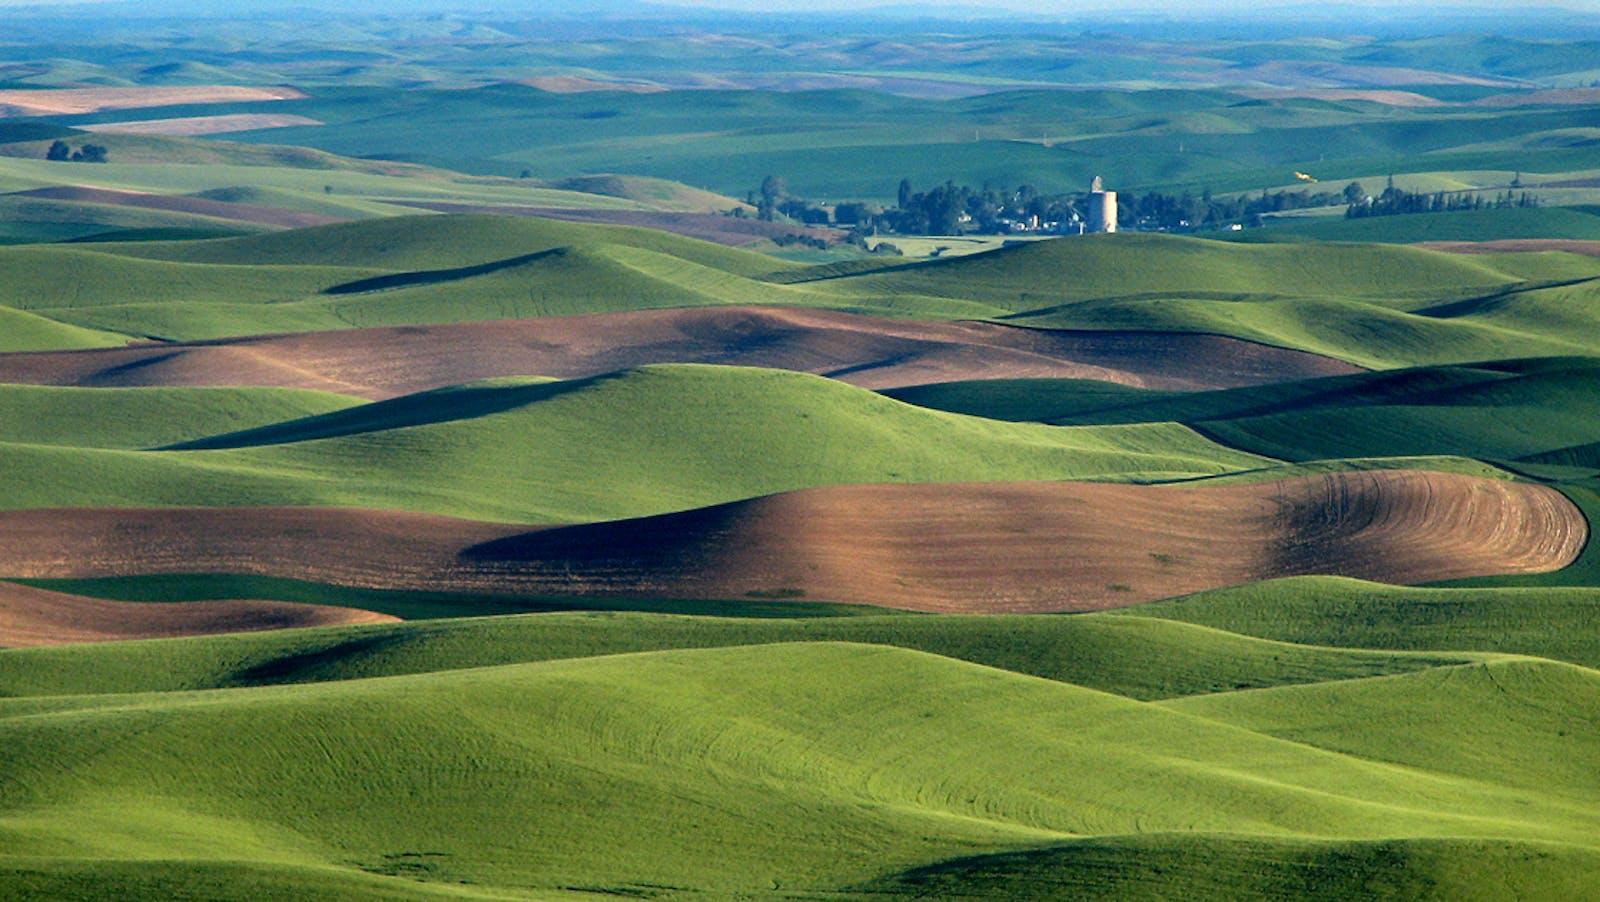 Palouse Prairie